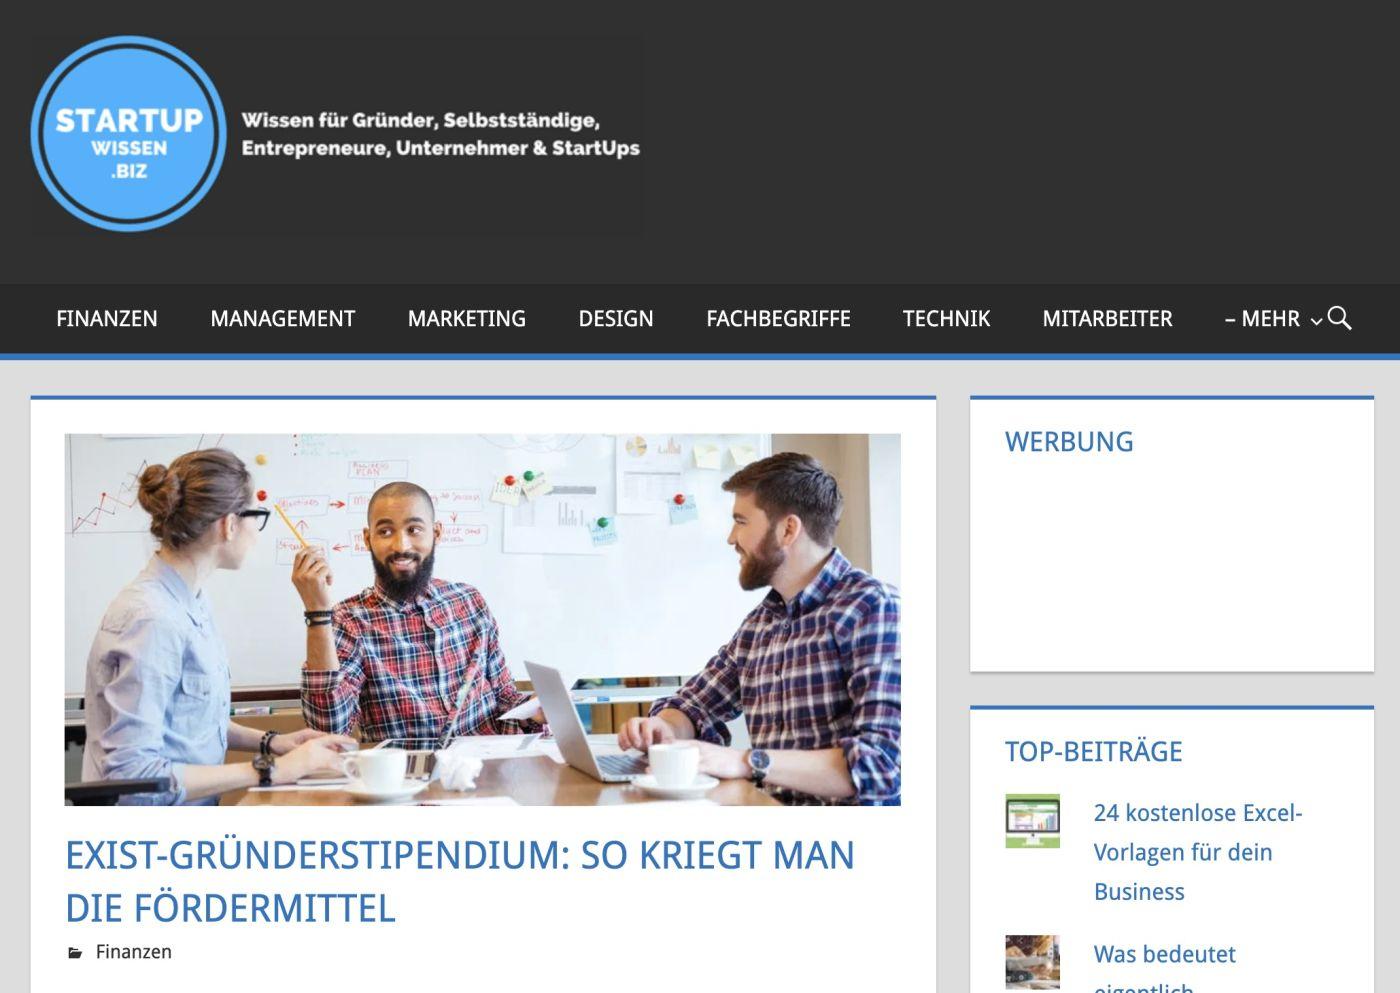 Gastbeitrag bei Startupwissen.biz über das Exist Gründerstipendium